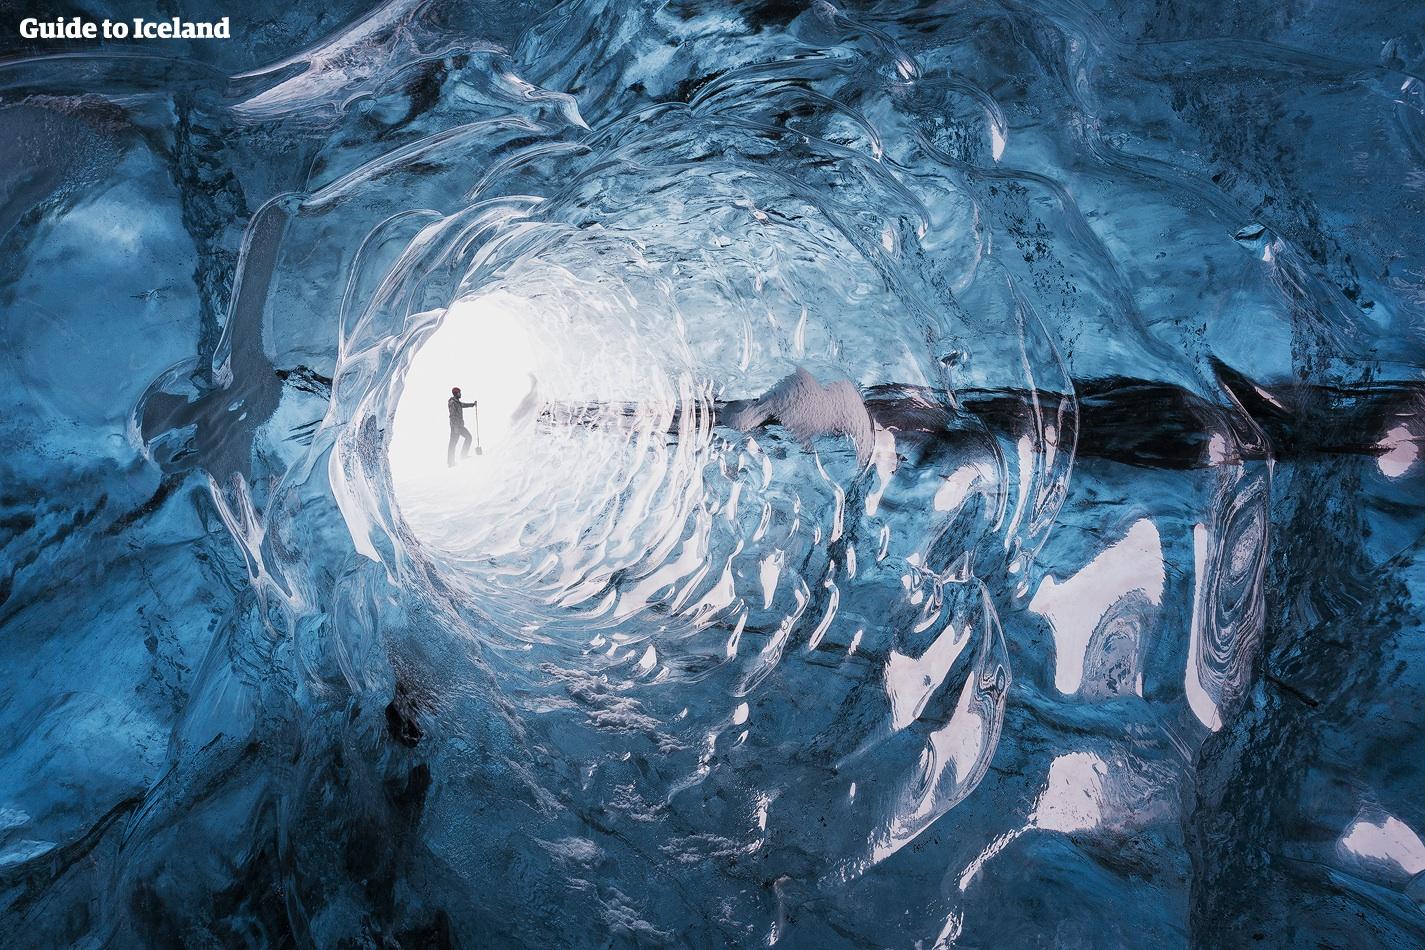 Un tunnel di ghiaccio formato naturalmente all'interno di un enorme ghiacciaio islandese.